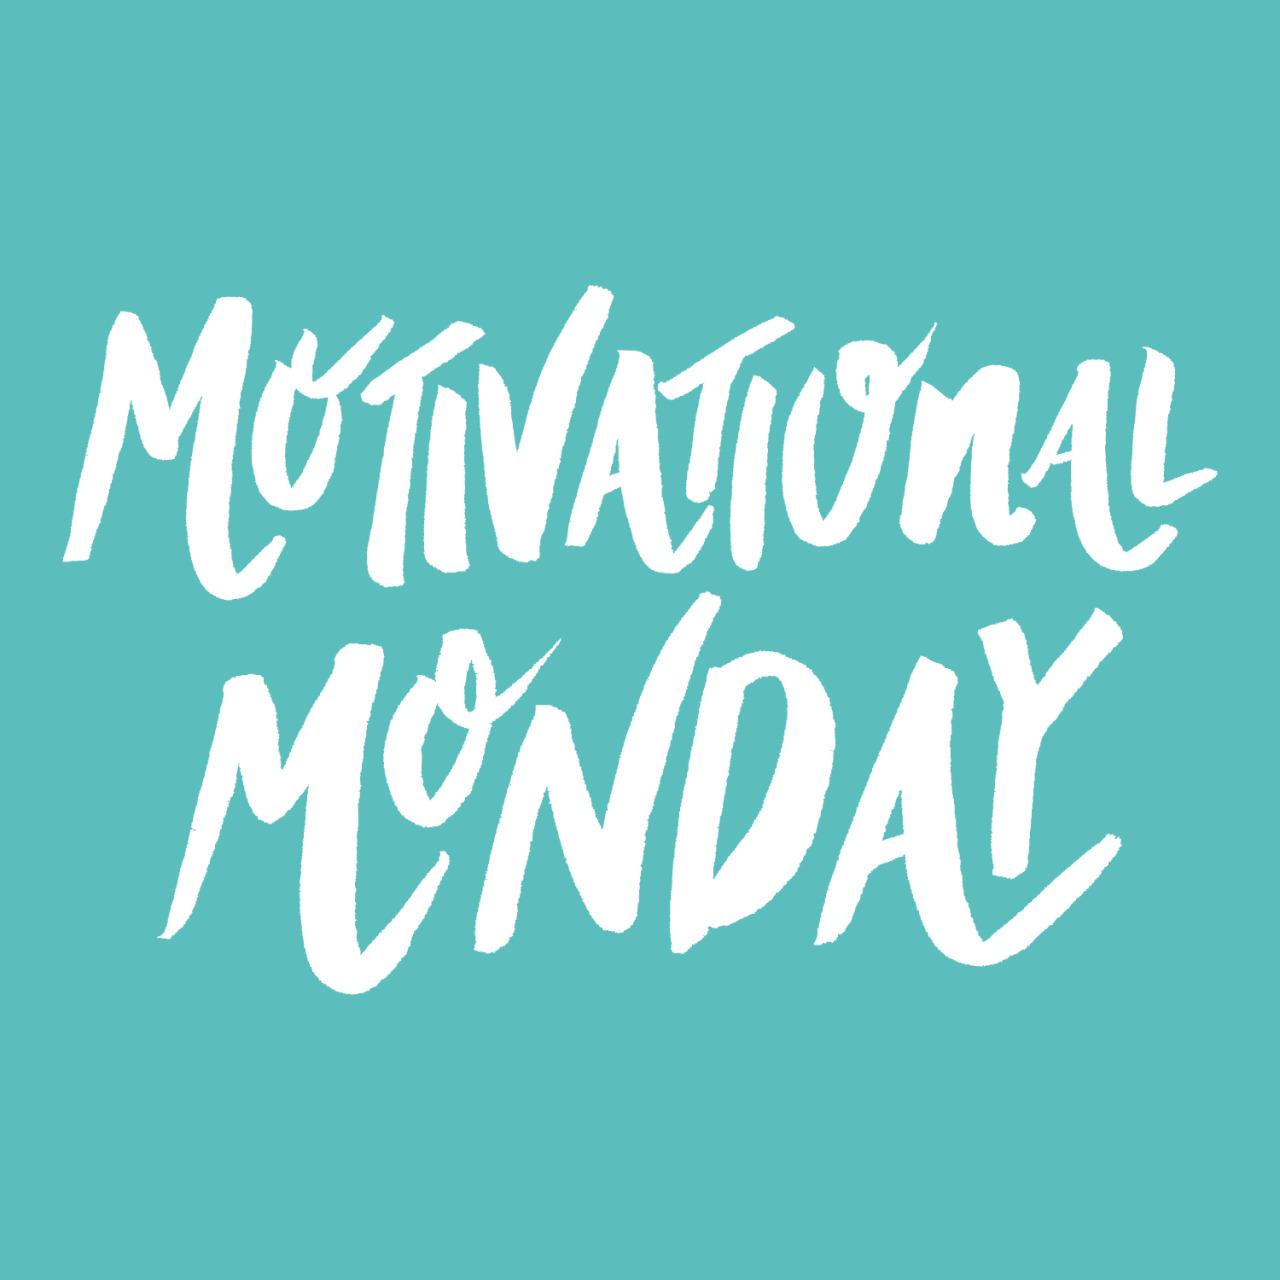 motivational monday vision choose you always. Black Bedroom Furniture Sets. Home Design Ideas